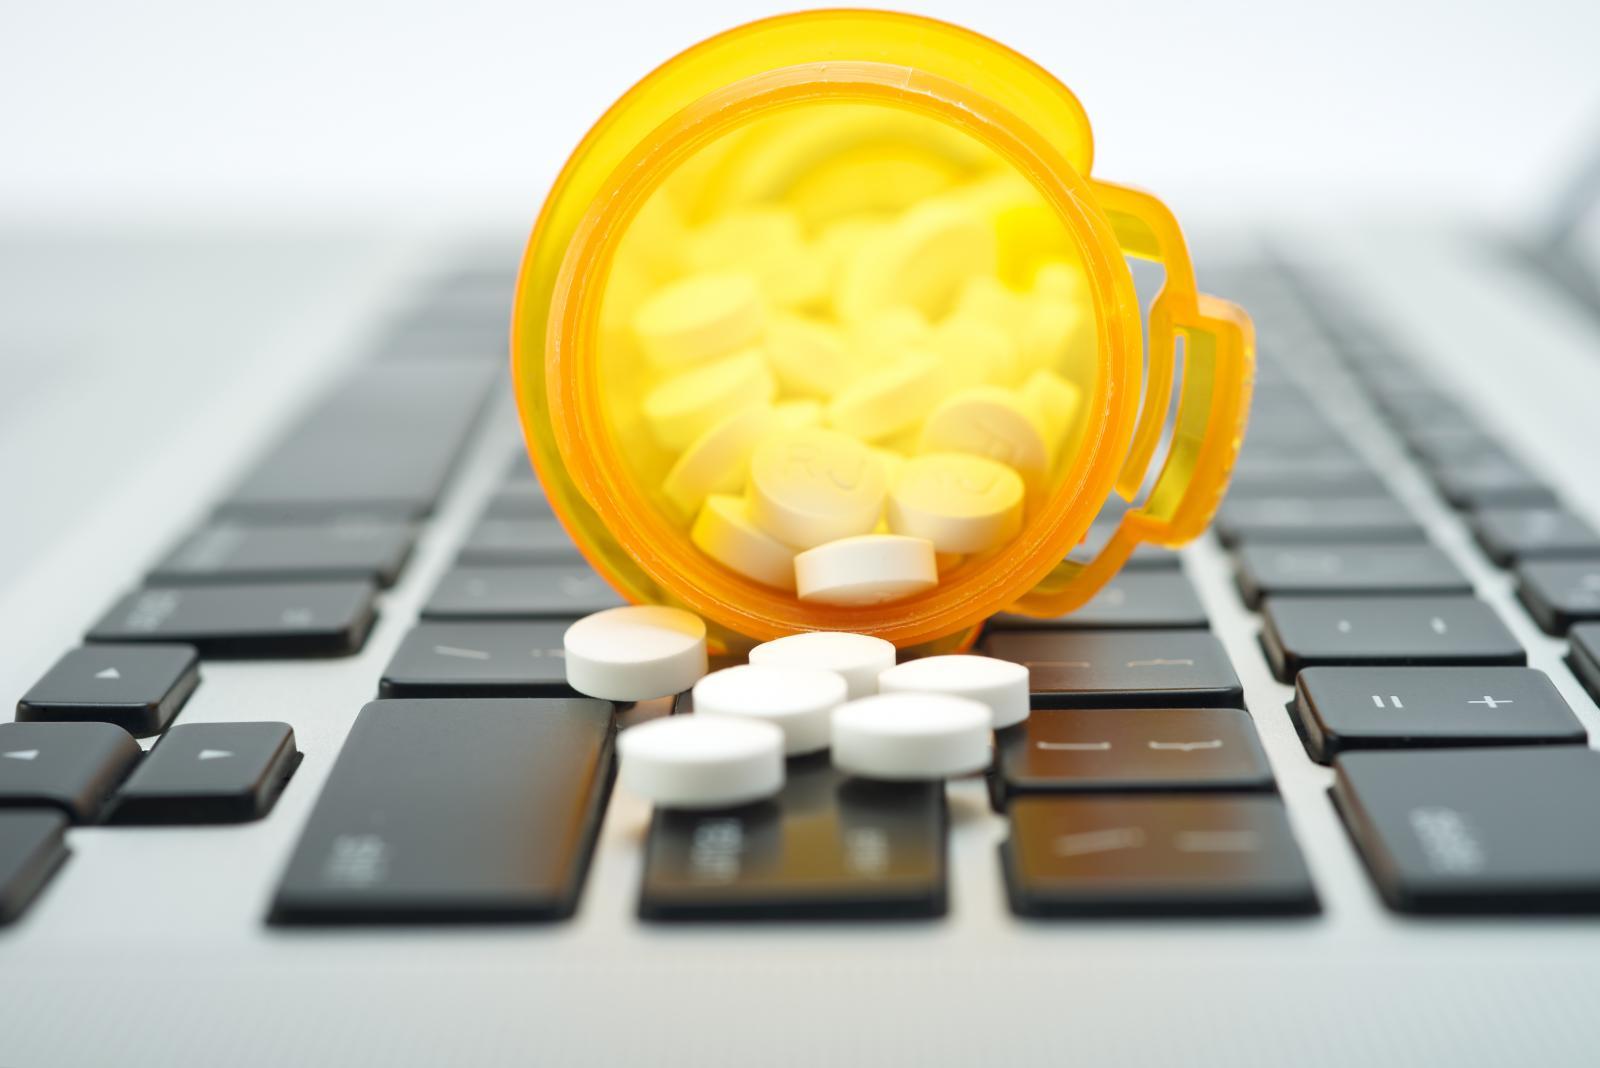 Онлайн-продажи лекарств ушли в офлайн